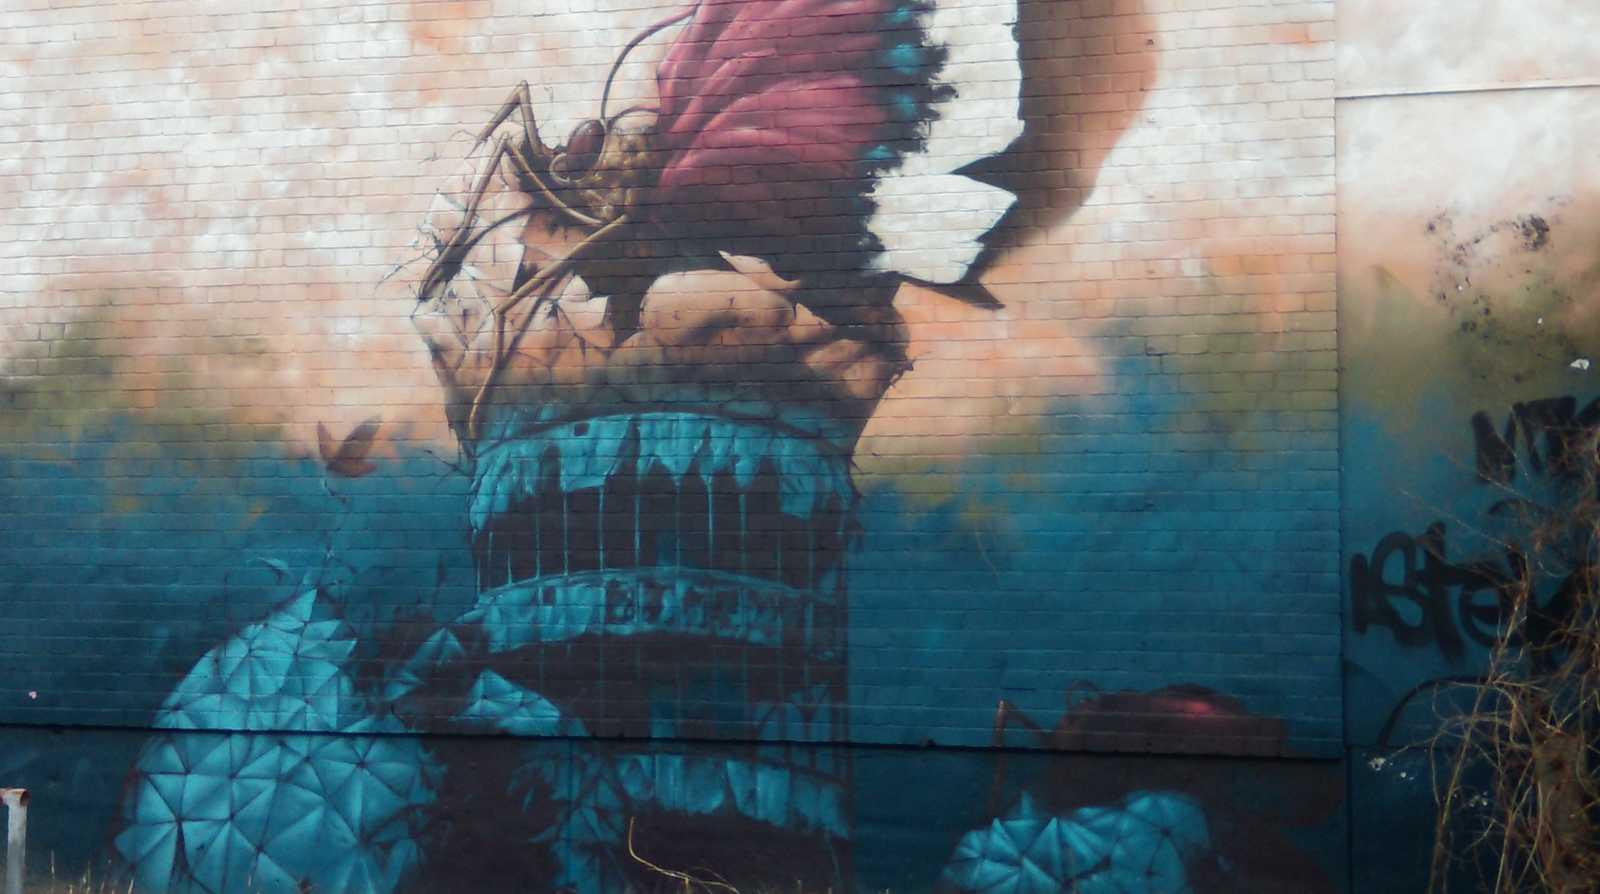 Streetart Kunstwerk Teufelsberg Berlin Deutschland, Schmetterling in expressionistischen Farben sitzt auf dem Turm der ehemaligen Radarstation, Urbane Kunst, Streetart-Meisterwerk, Lostplace,